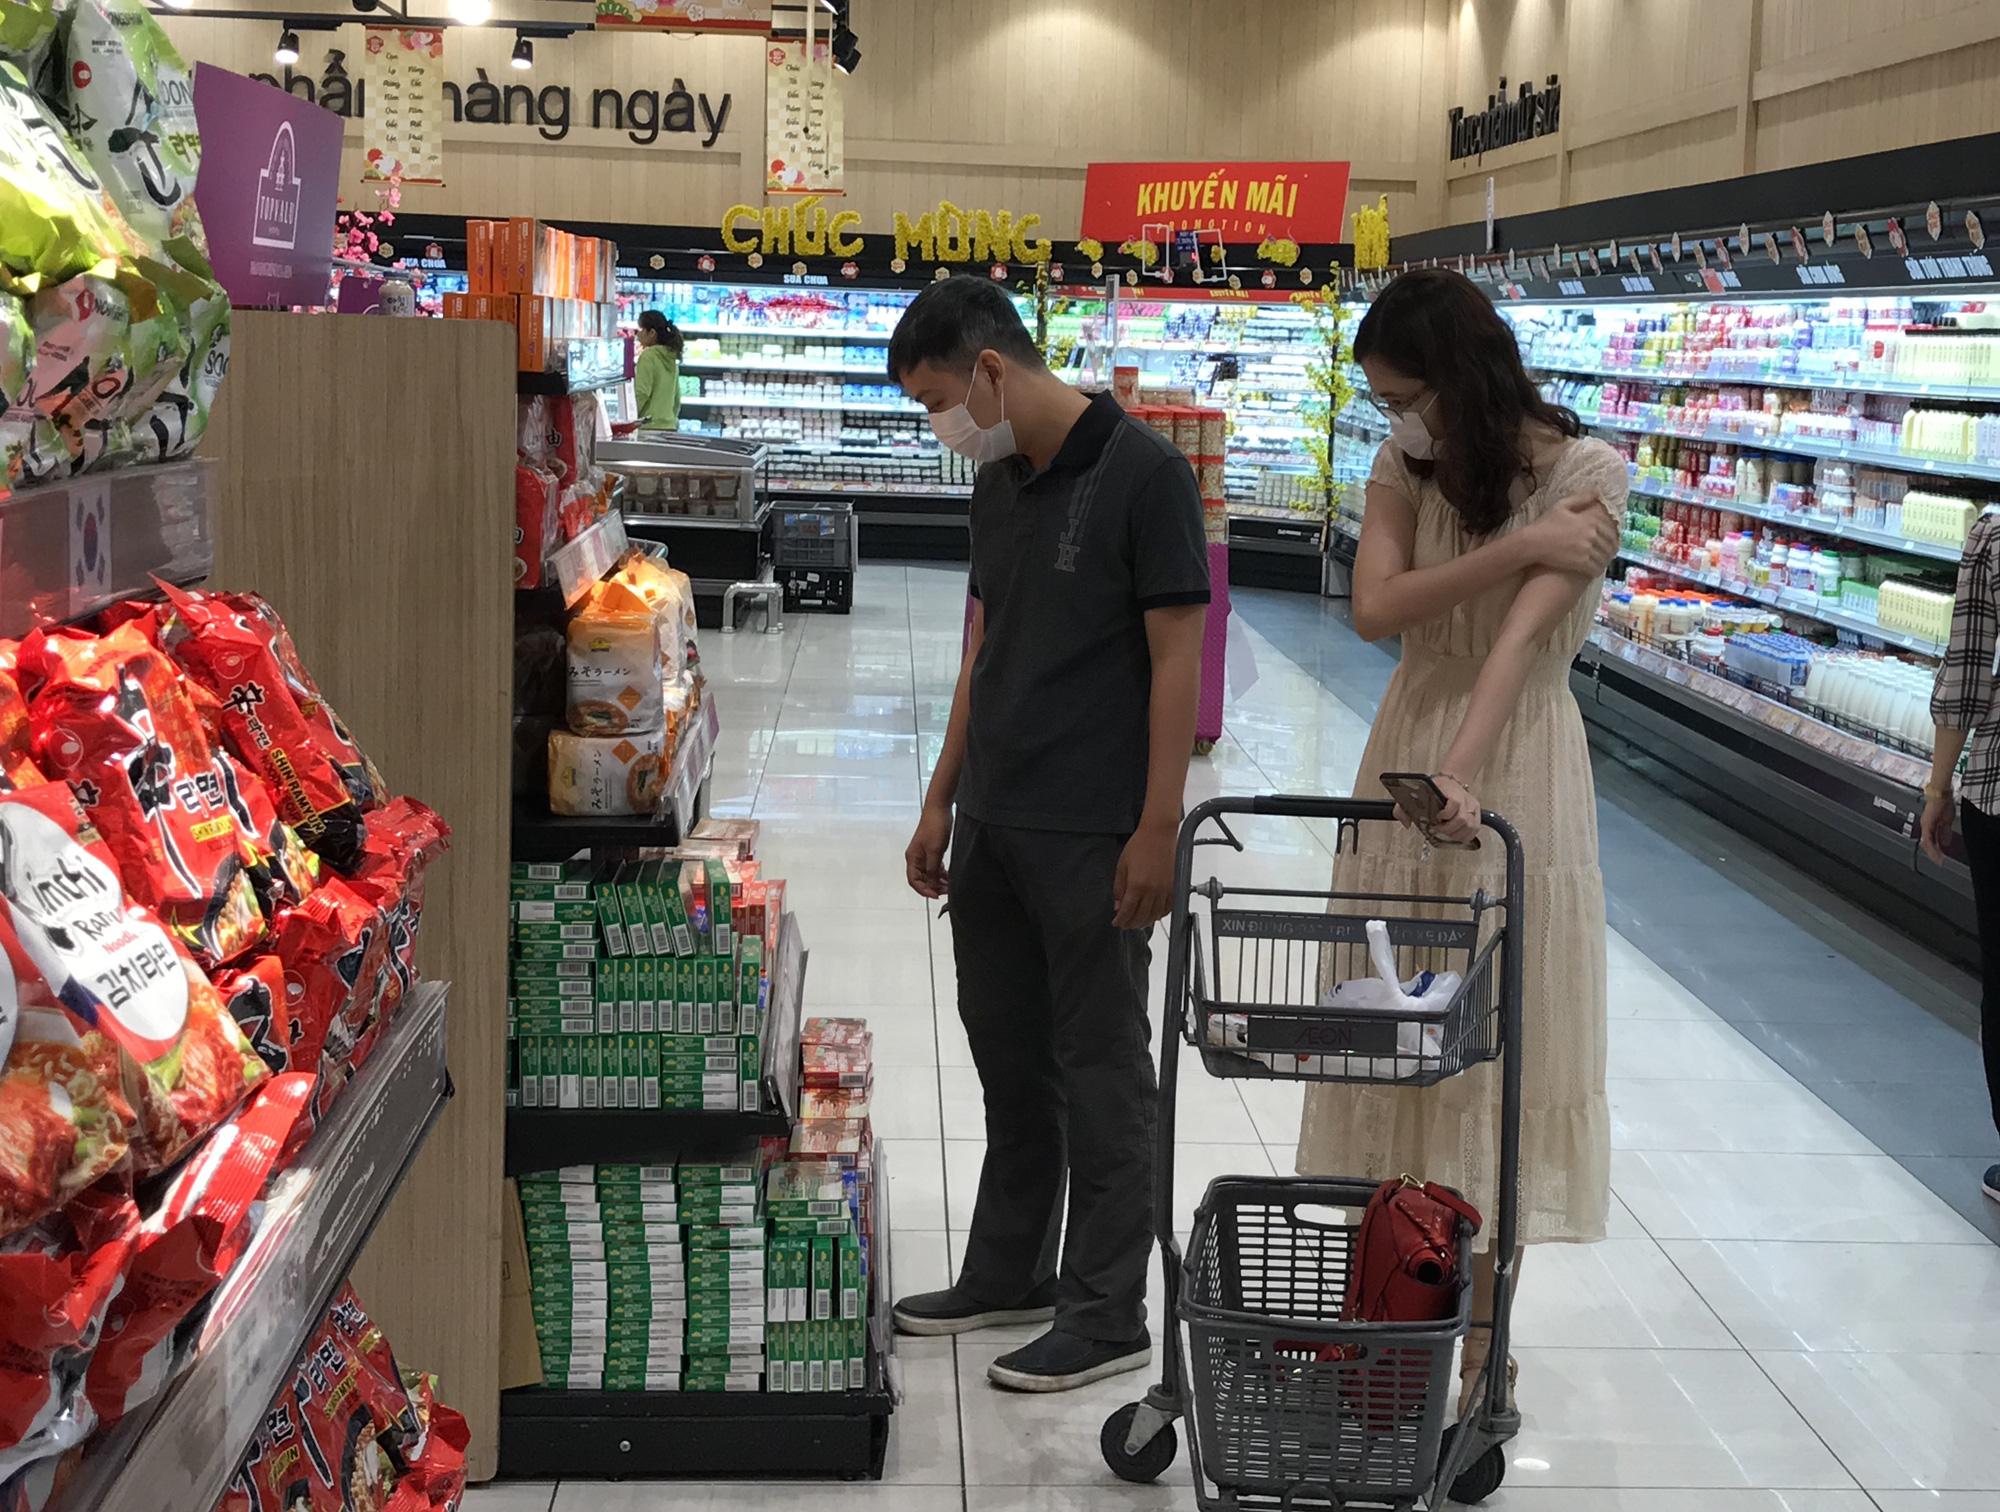 Sợ virus corona, bịt khẩu trang kín mít đi siêu thị mùng 4 Tết - Ảnh 3.